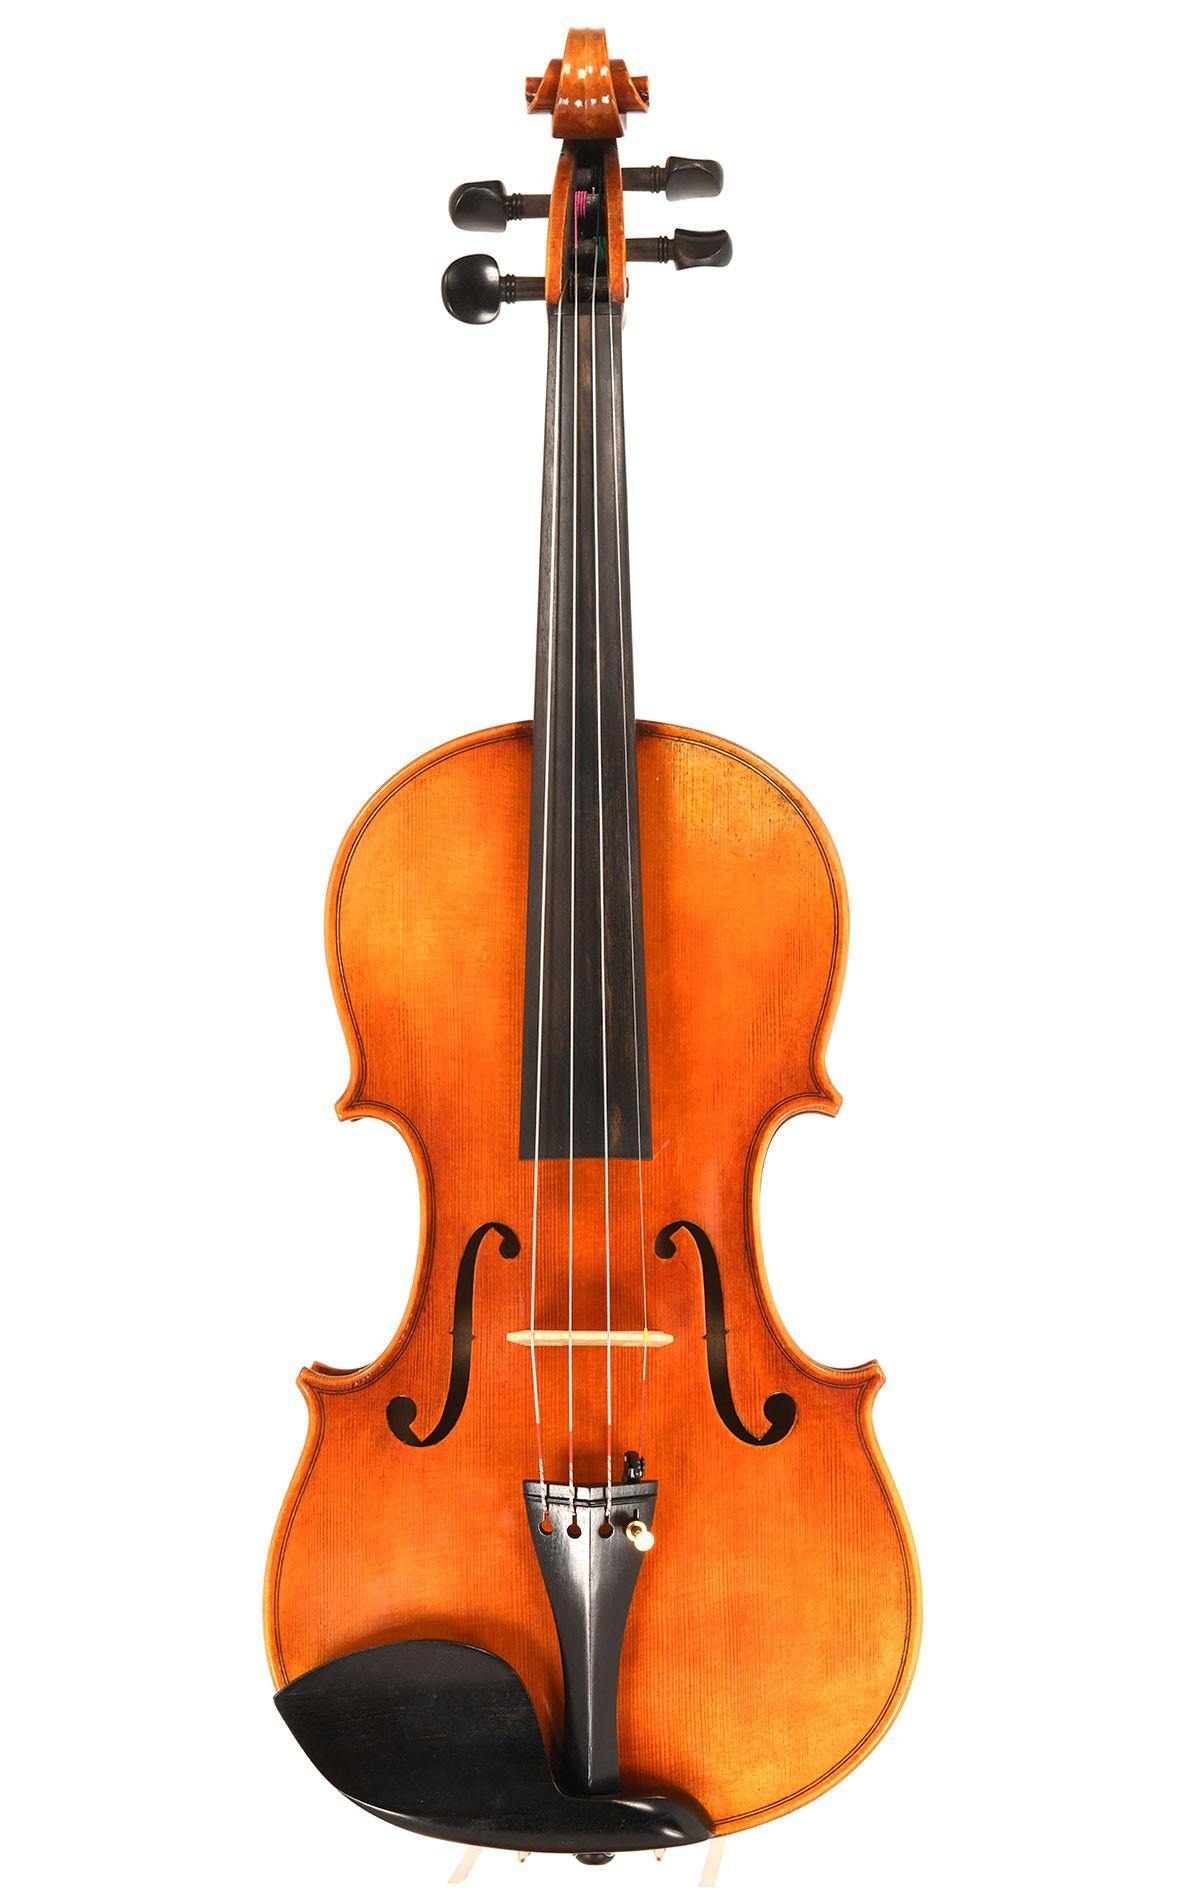 Geige -  nach Stradivari, Werkstattgeige